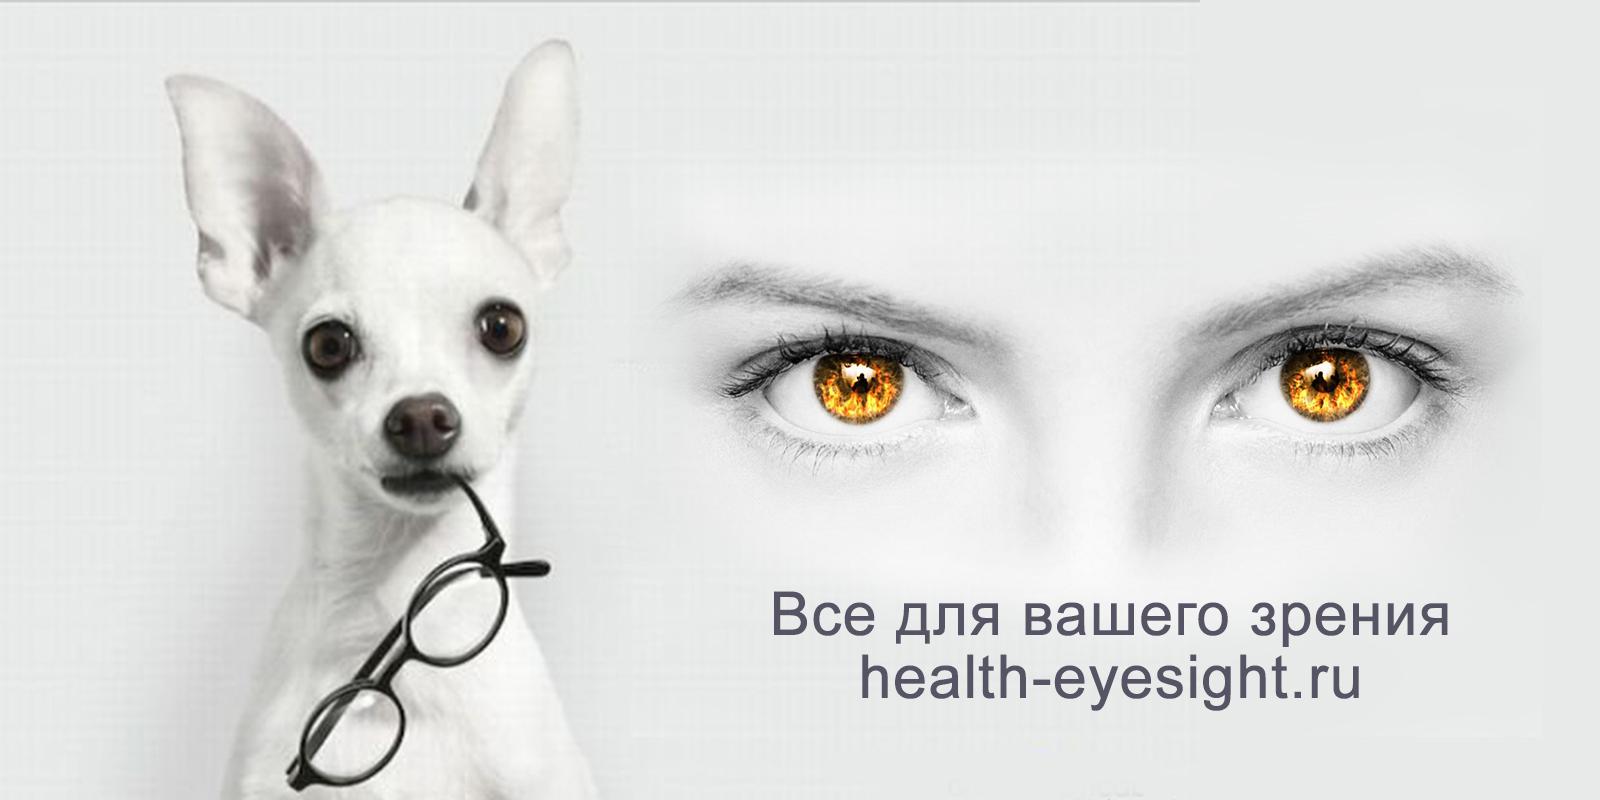 Ирина Имсиковська - Google